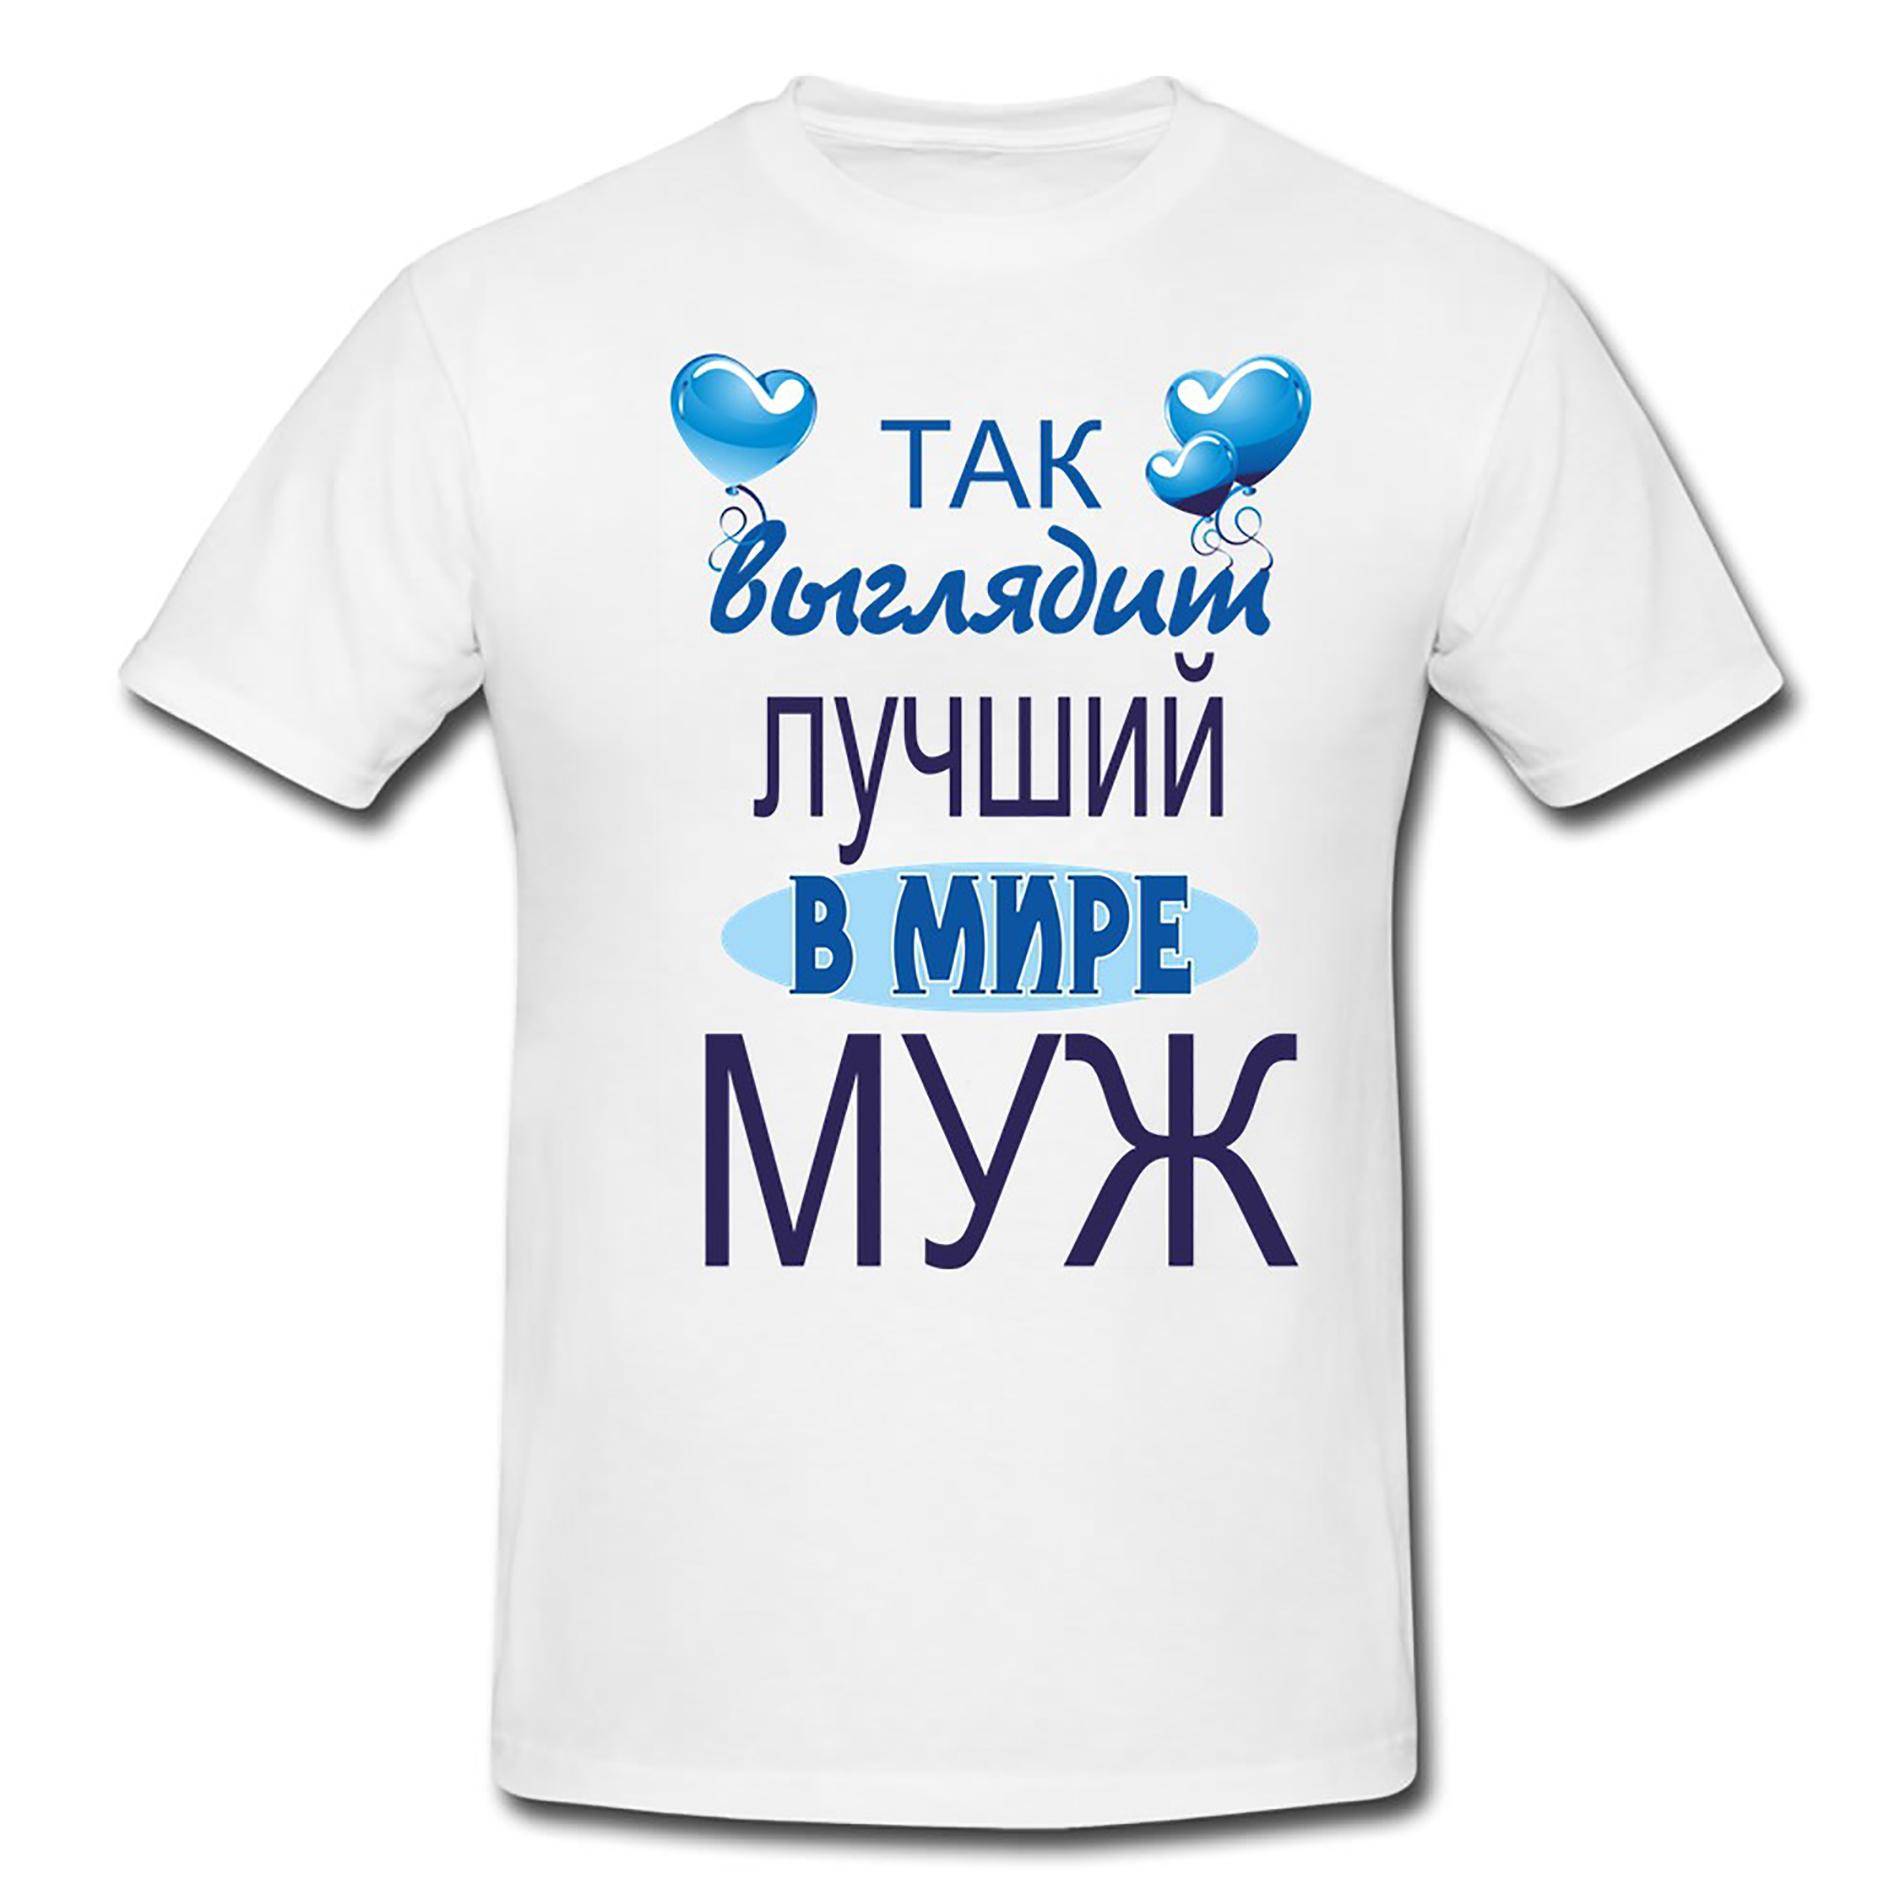 спуском шлюпок картинки на футболки для мужчин смешные самолёт, борту